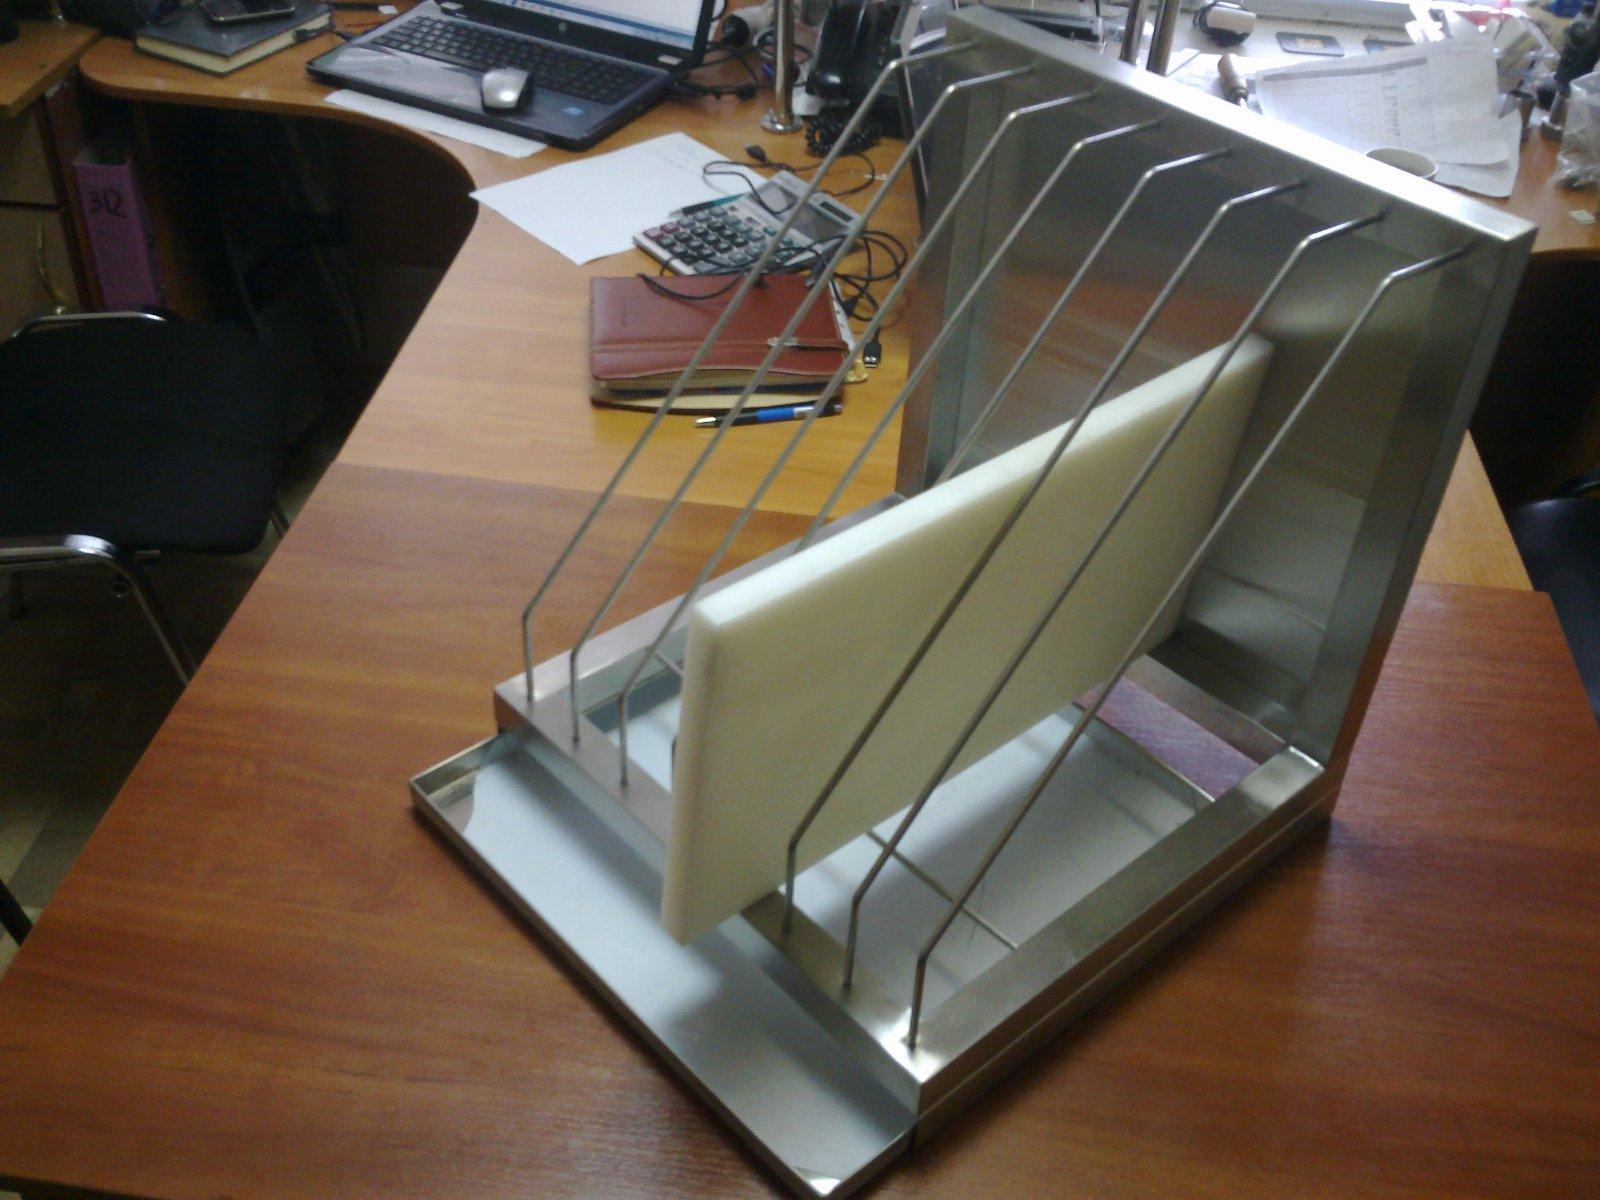 Полка для сушки посуды нержавейка открытая (1100 x 300 x 350) - фотография №5